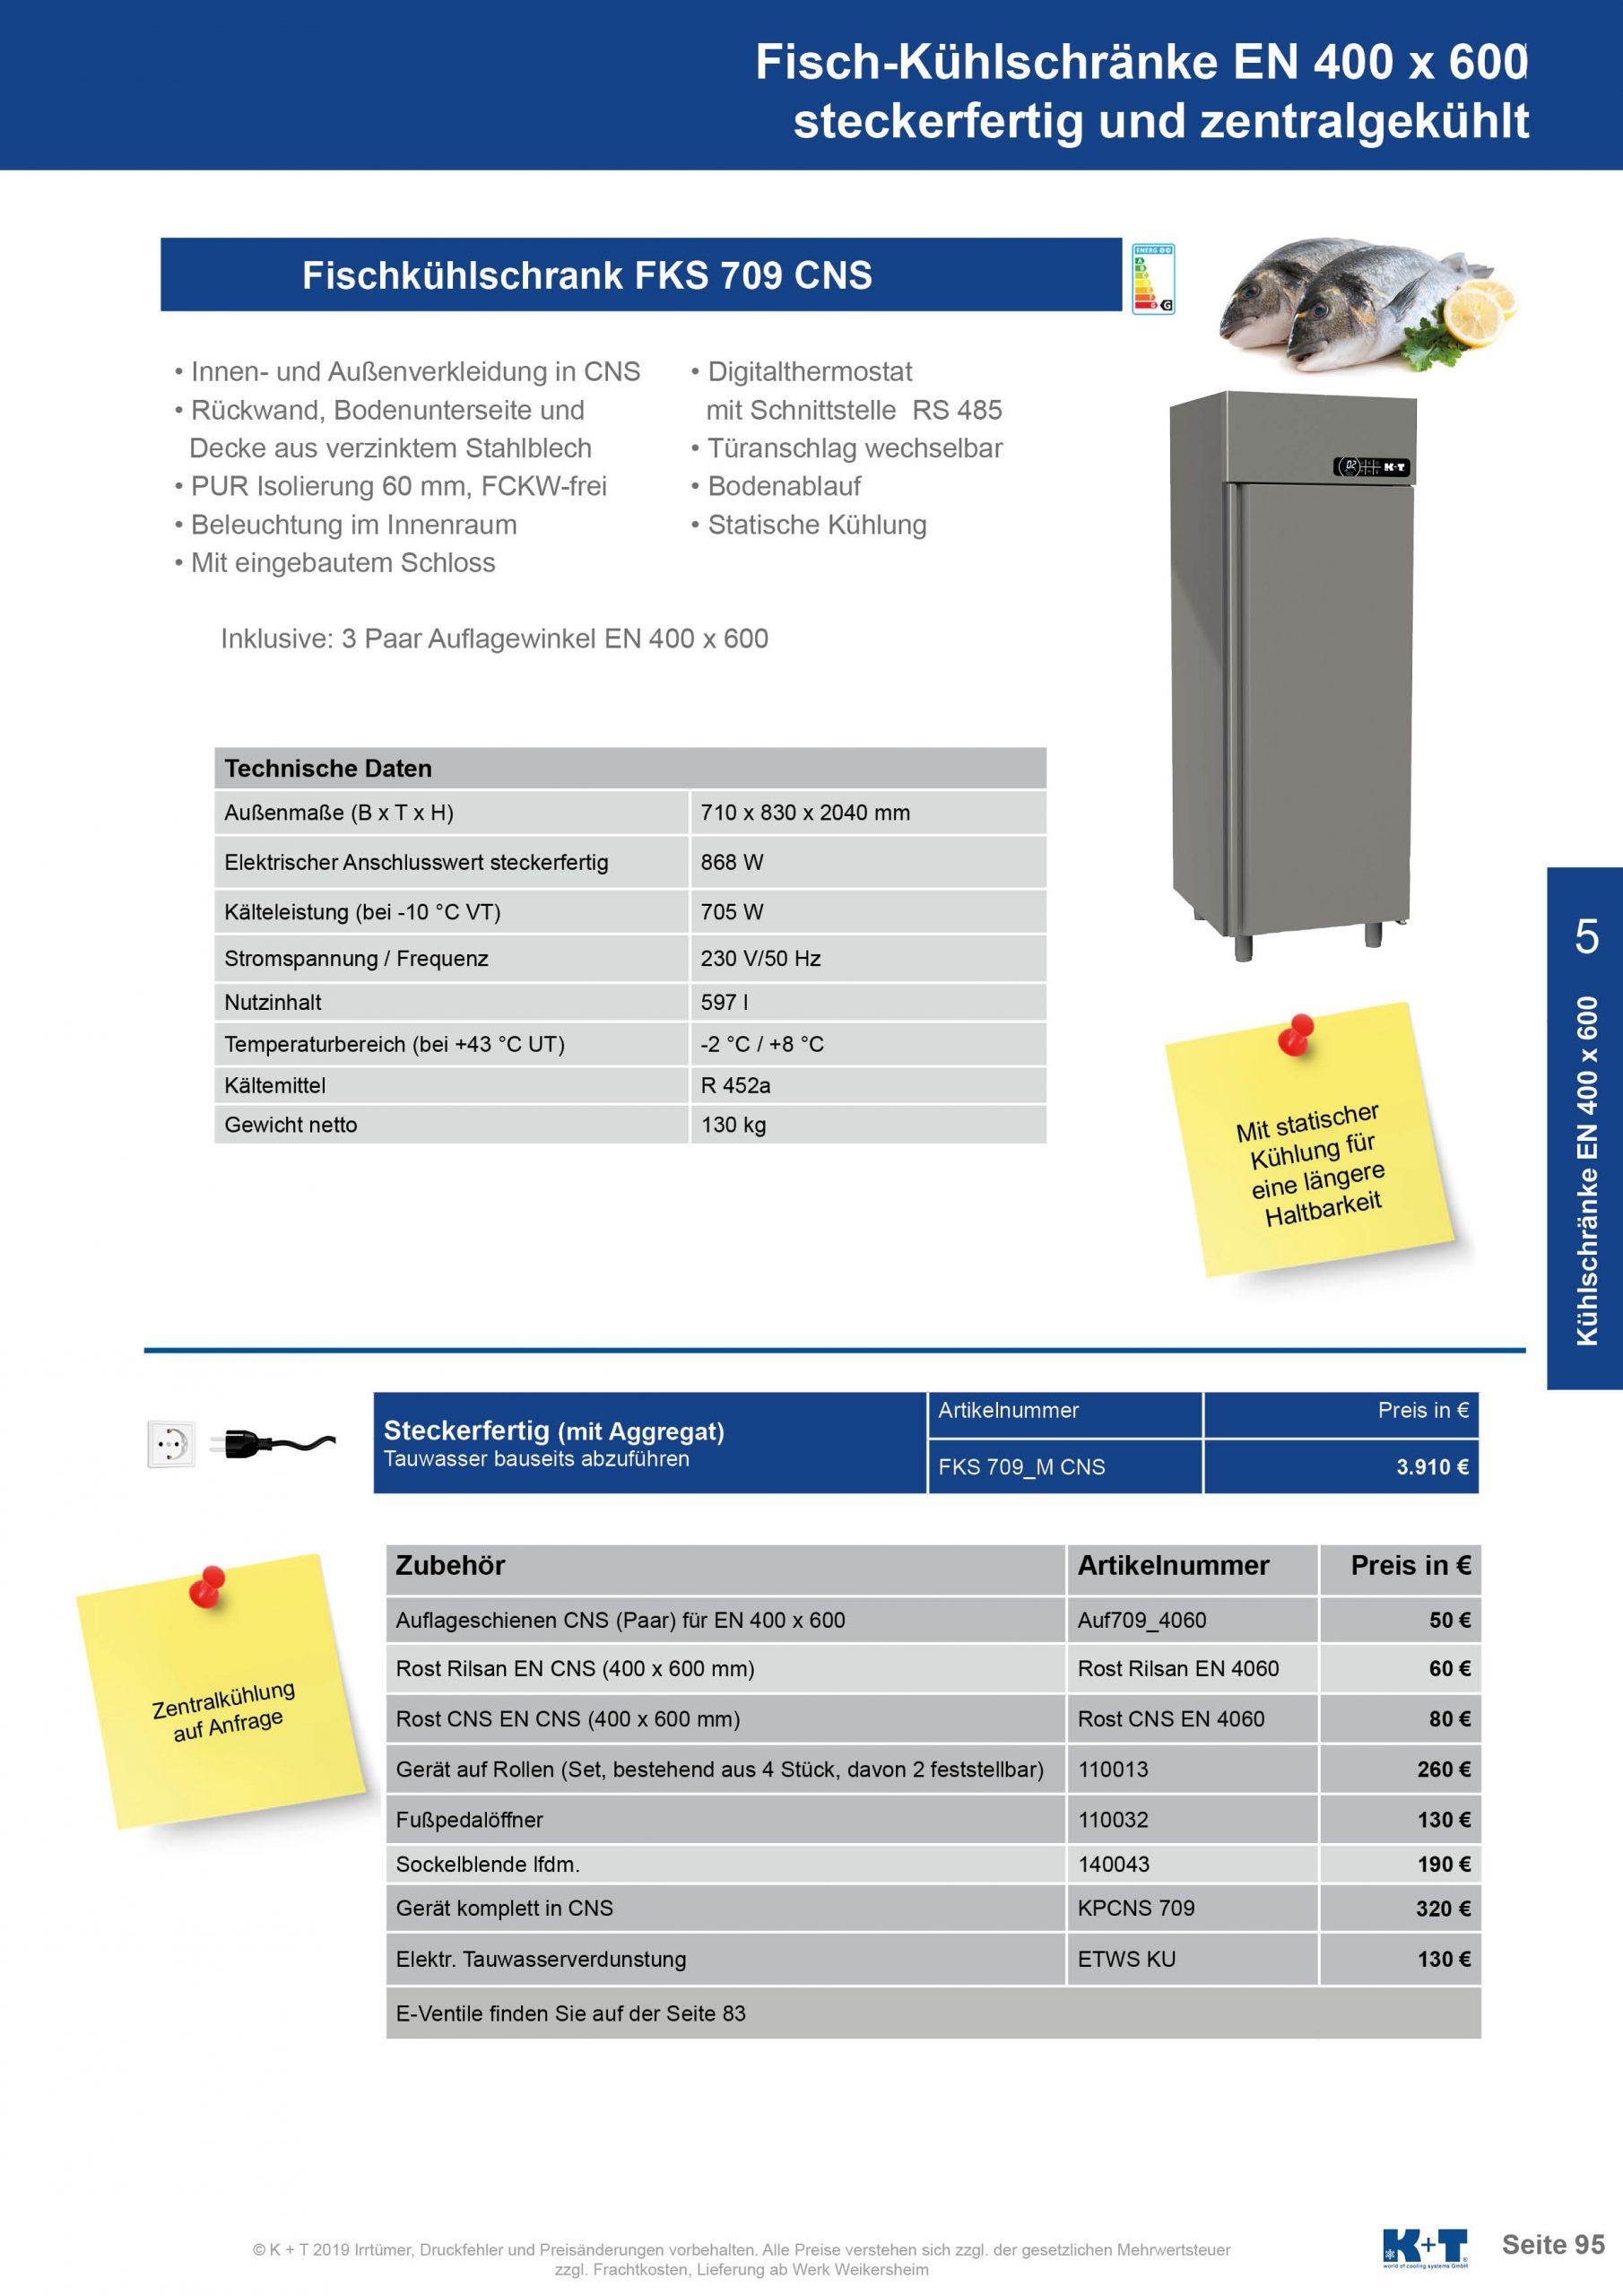 Kühl- Tiefkühlschränke für spezielle Anforderungen Fischkühlschrank Euronorm 400 x 600